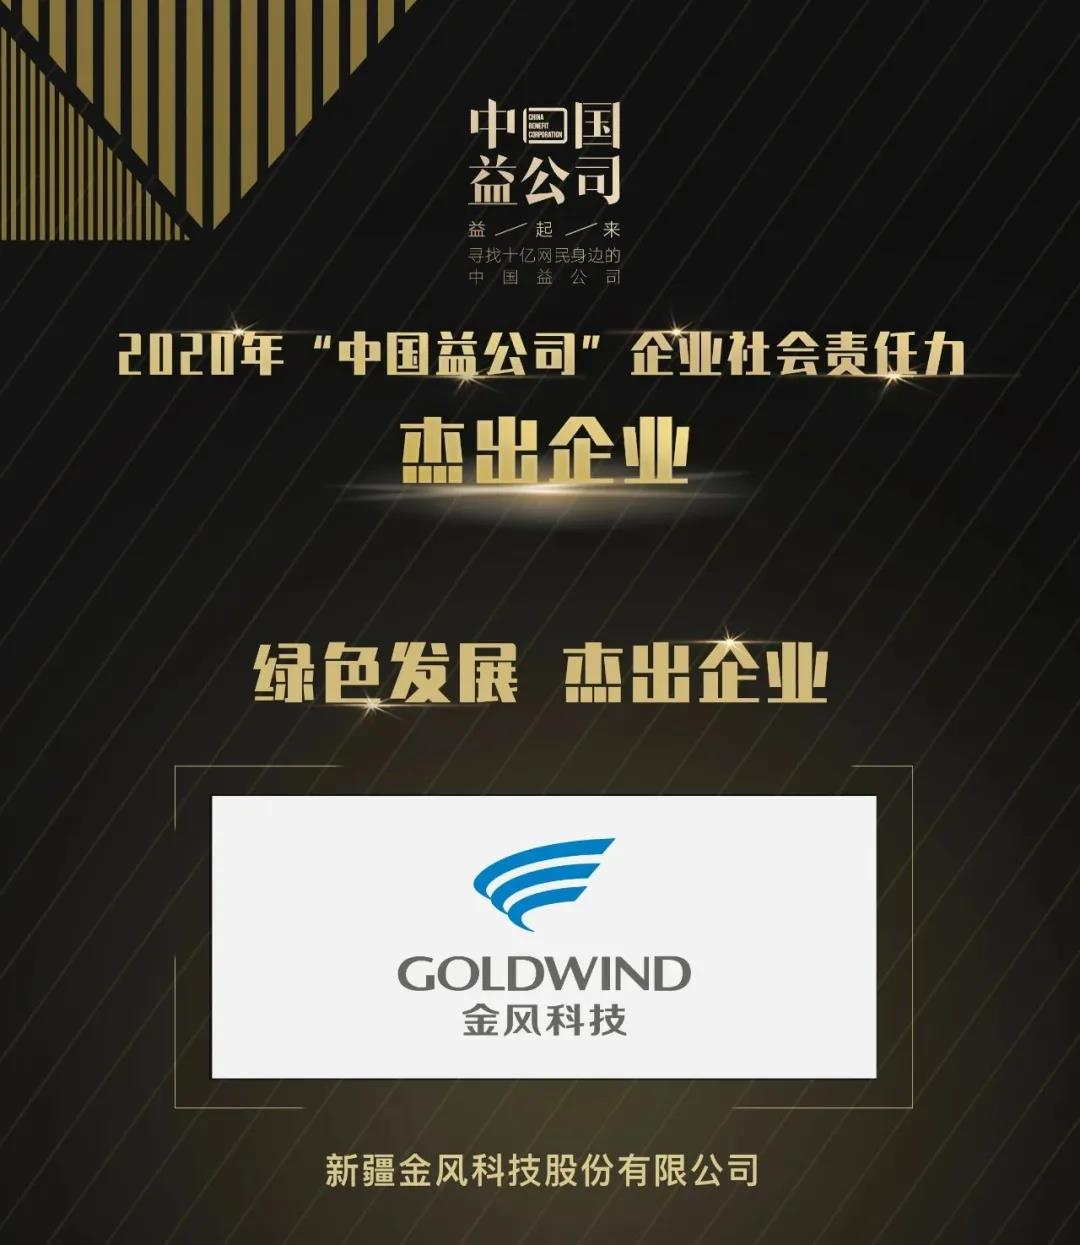 """金风科技蝉联""""中国益公司""""绿色发展杰出企业奖"""